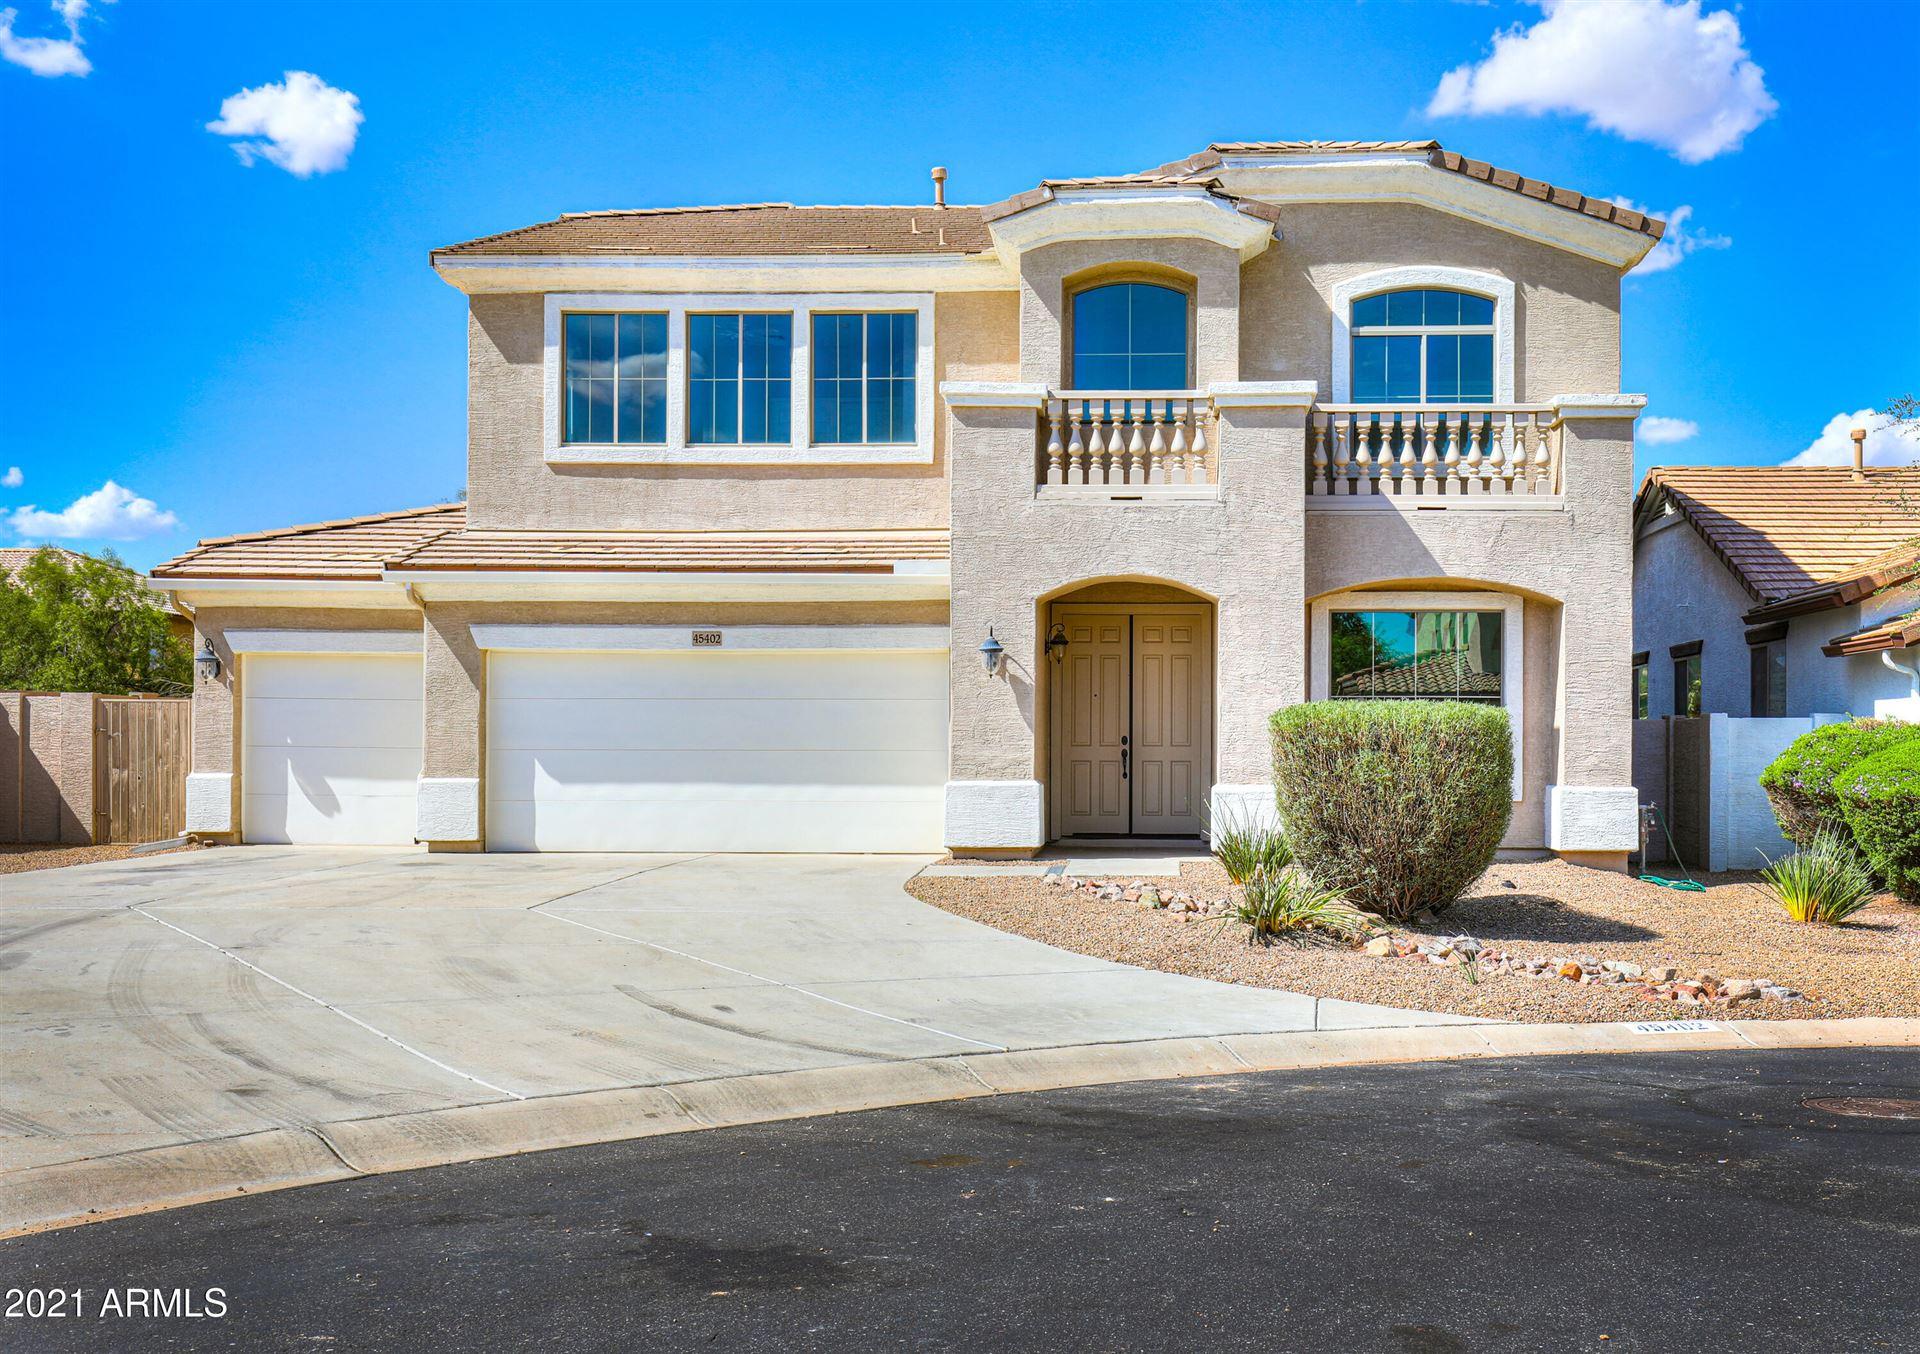 Photo for 45402 W WINDROSE Drive, Maricopa, AZ 85139 (MLS # 6284715)